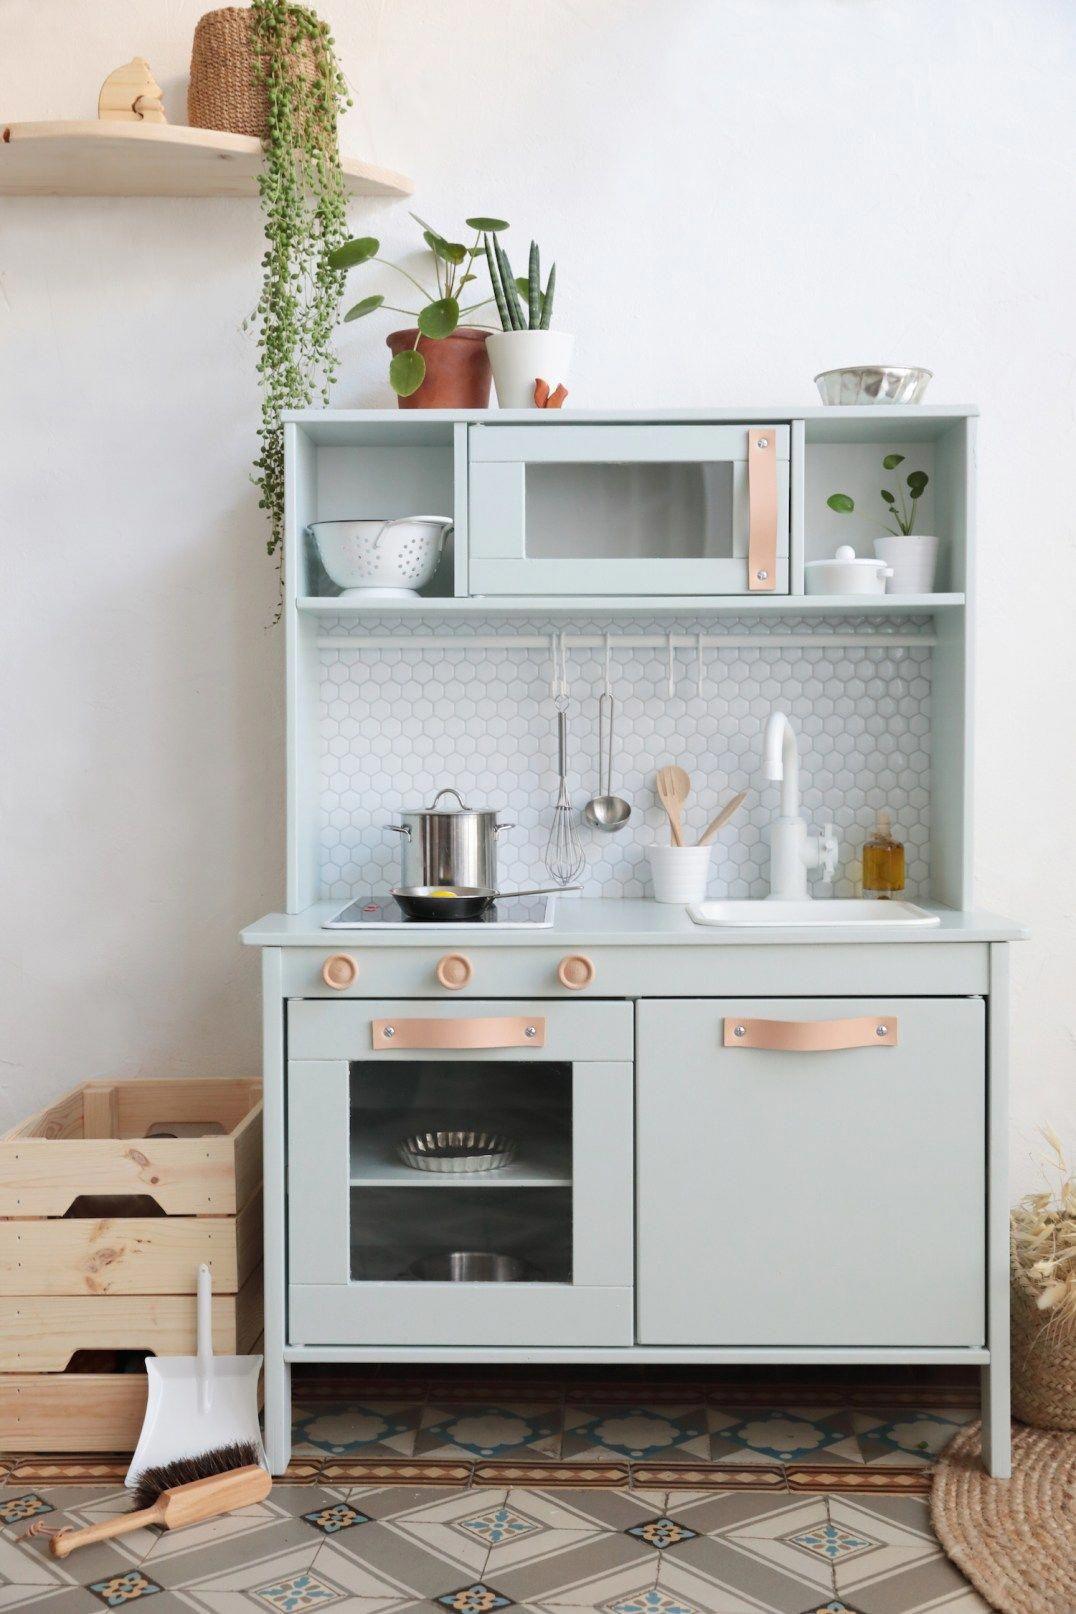 Ikea Hack : La cuisine pour enfant Duktig en mode Urban Jungle